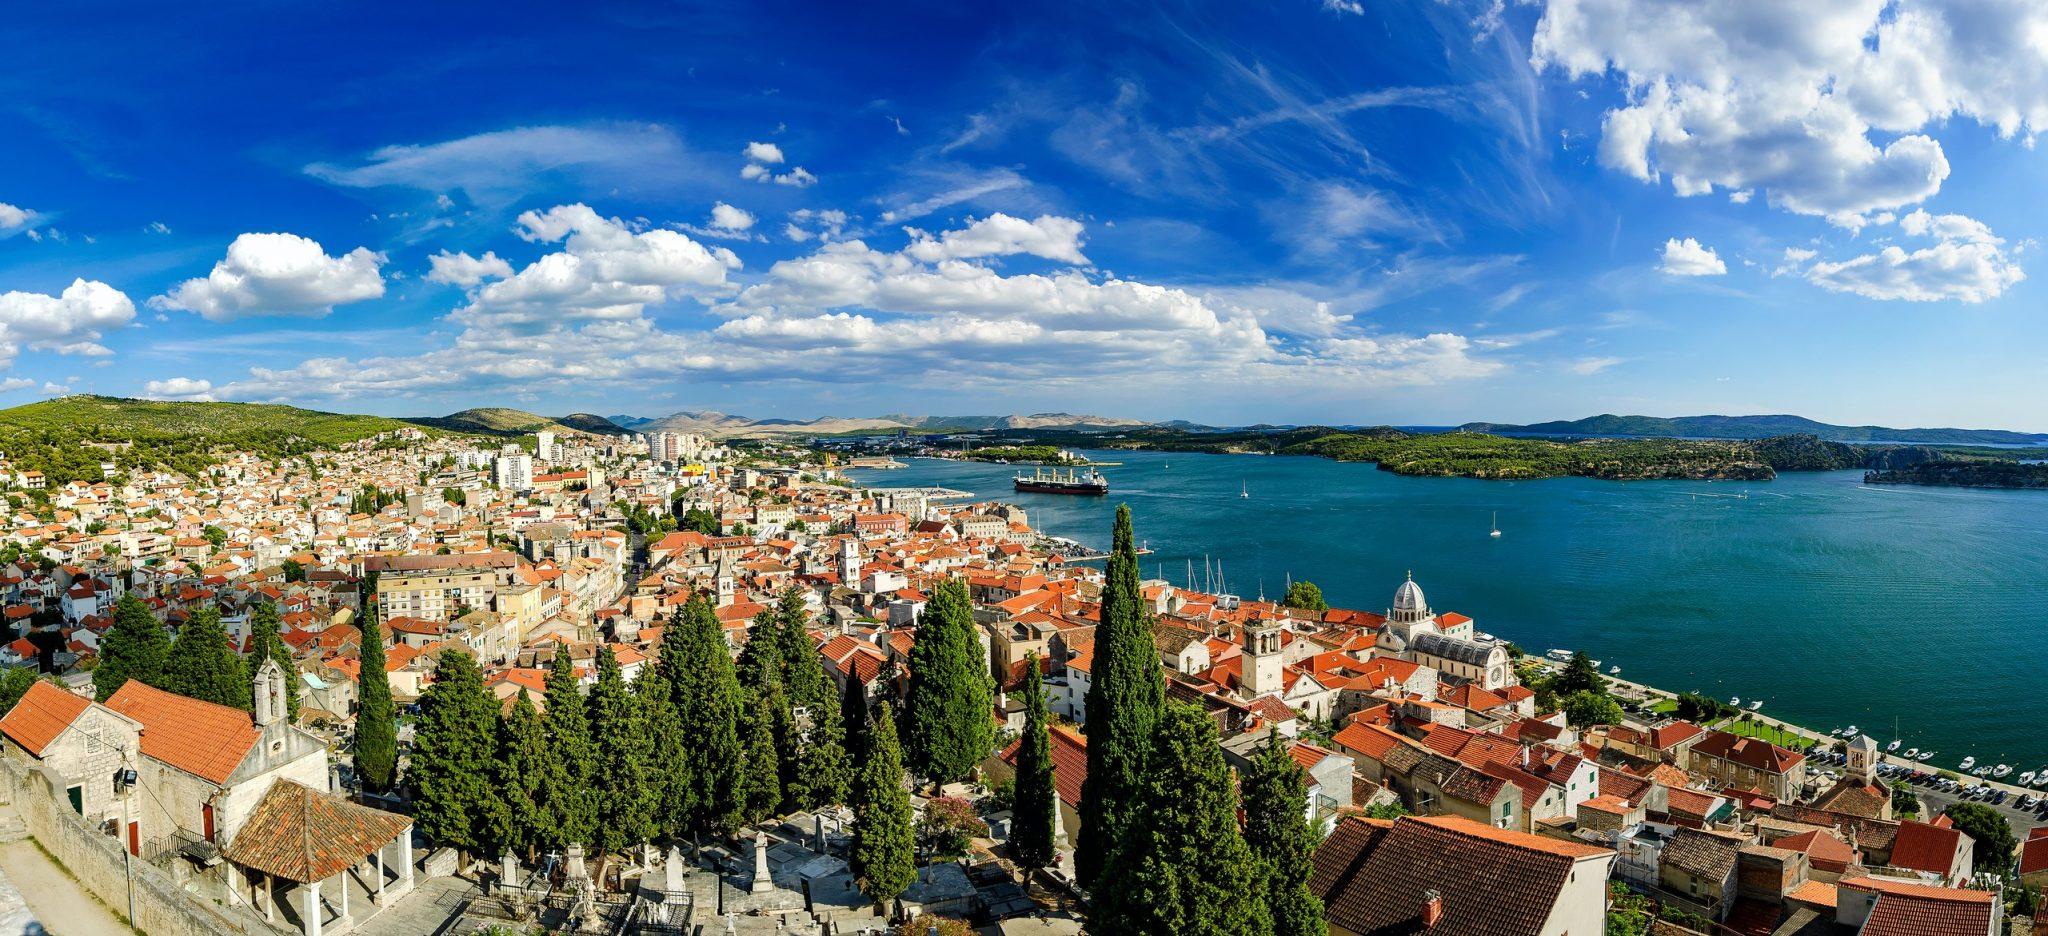 Dit zijn de mooiste reisbestemmingen in Kroatië - 2